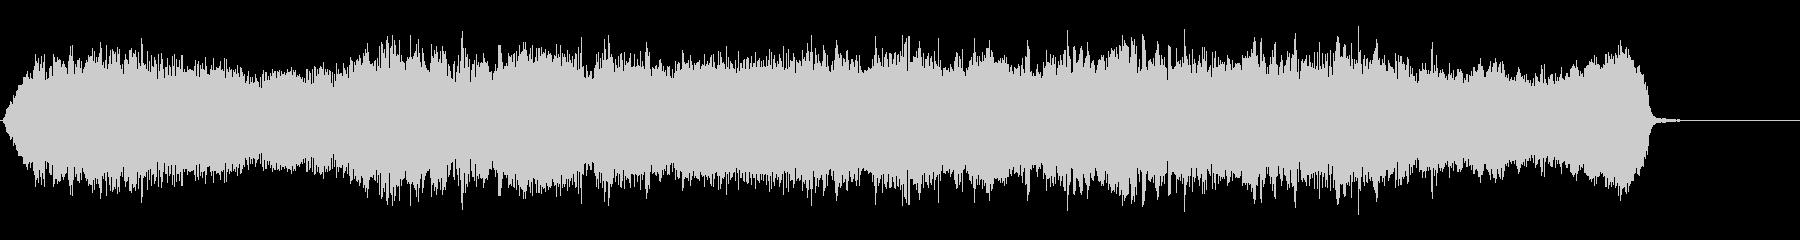 ハーディ・ガーディ:音楽的アクセン...の未再生の波形